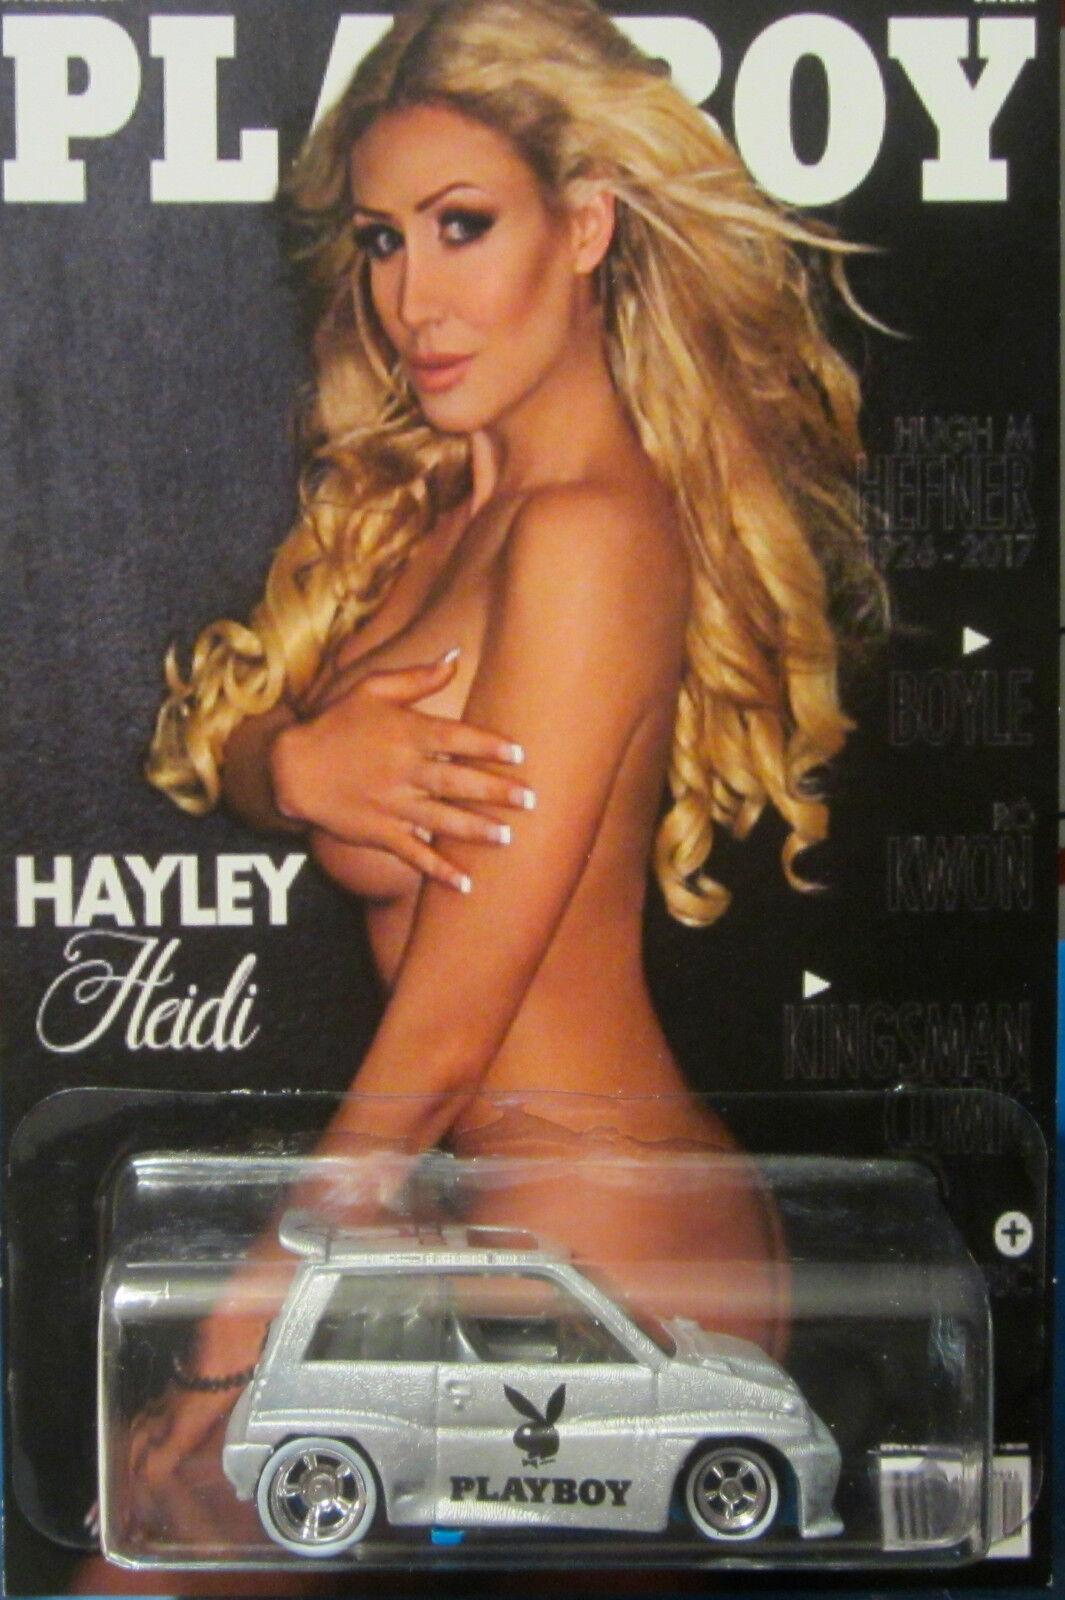 Hot Wheels Custom Custom Custom '85 Honda City Playboy Hayley Heidi Echten Fahrern Limitiert  | Öffnen Sie das Interesse und die Innovation Ihres Kindes, aber auch die Unschuld von Kindern, kindlich, glücklich  2b43d7